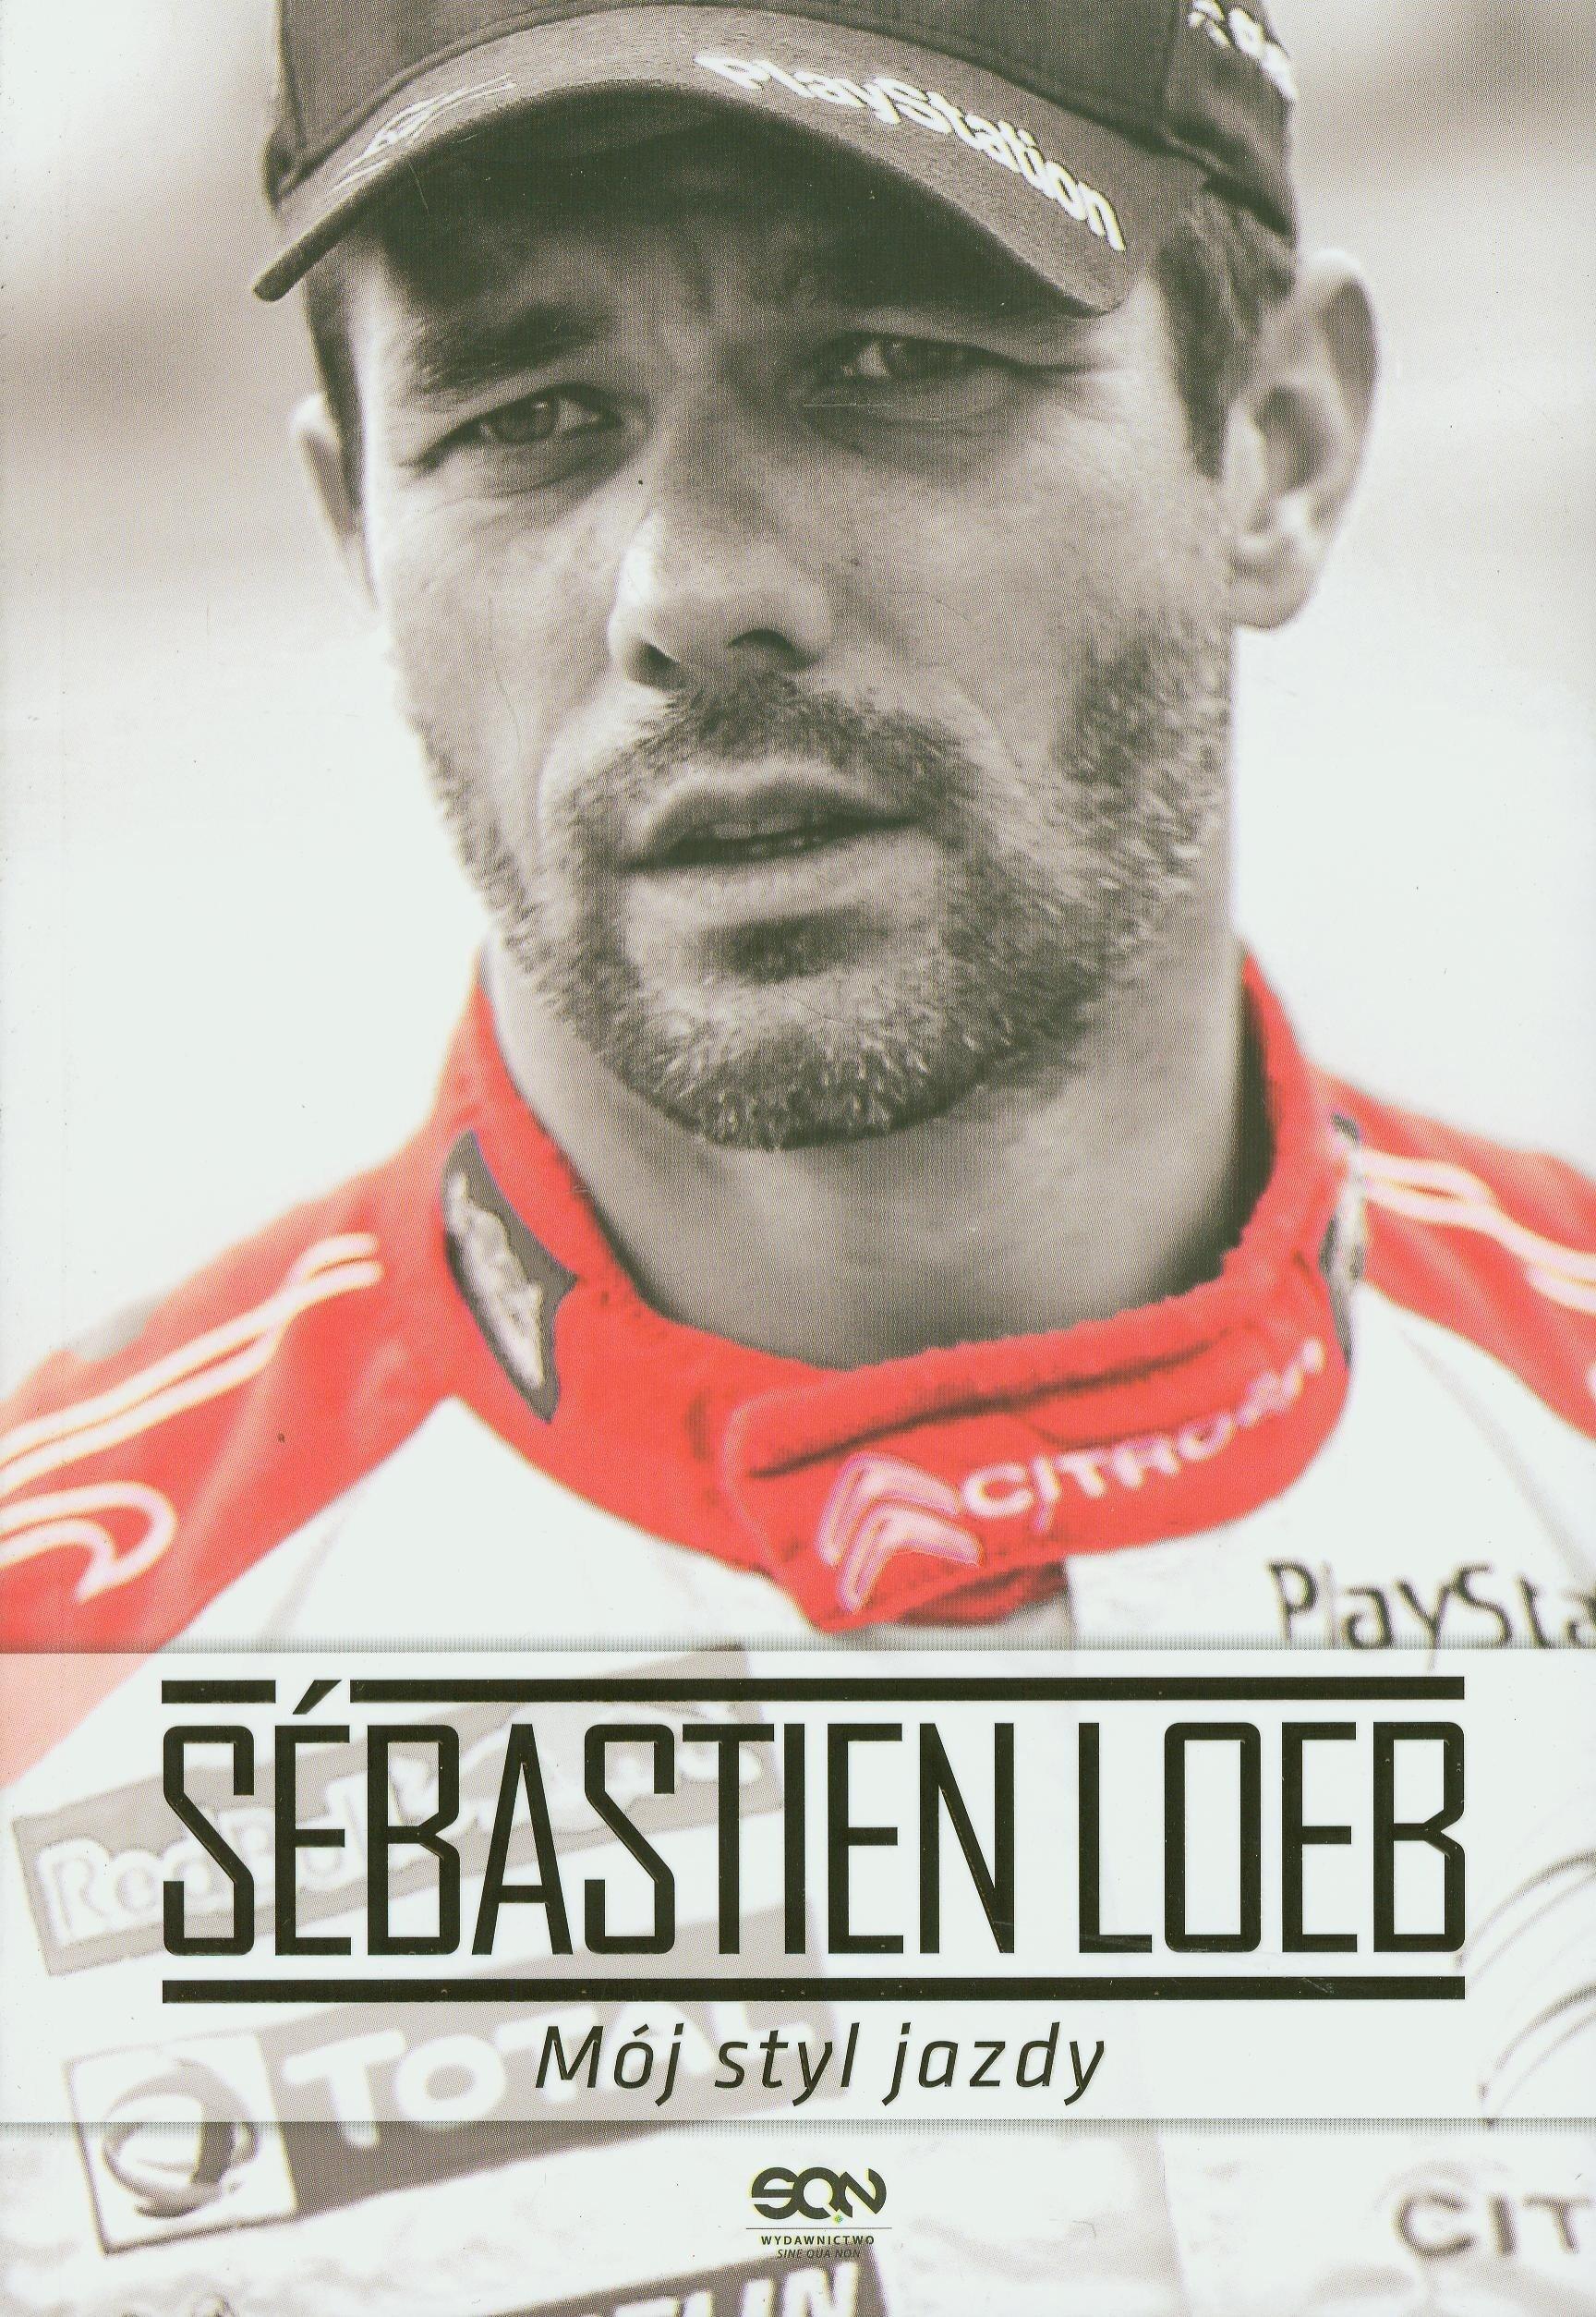 Mój styl jazdy Sebastien Loeb